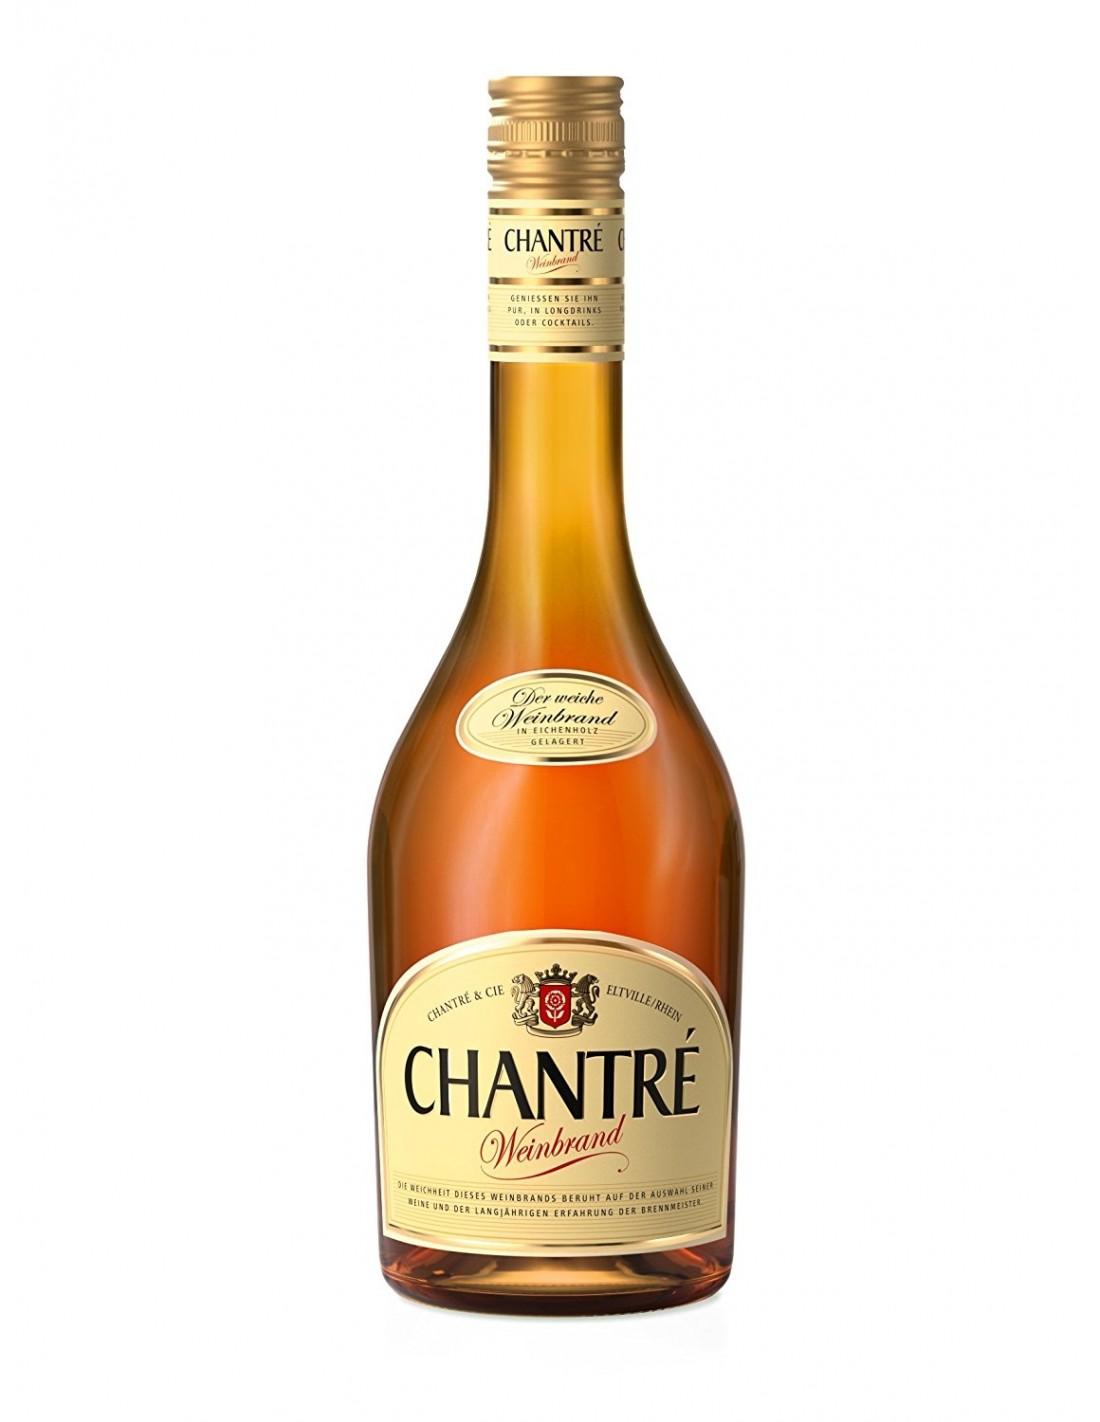 Brandy Chantre 0.7L image0